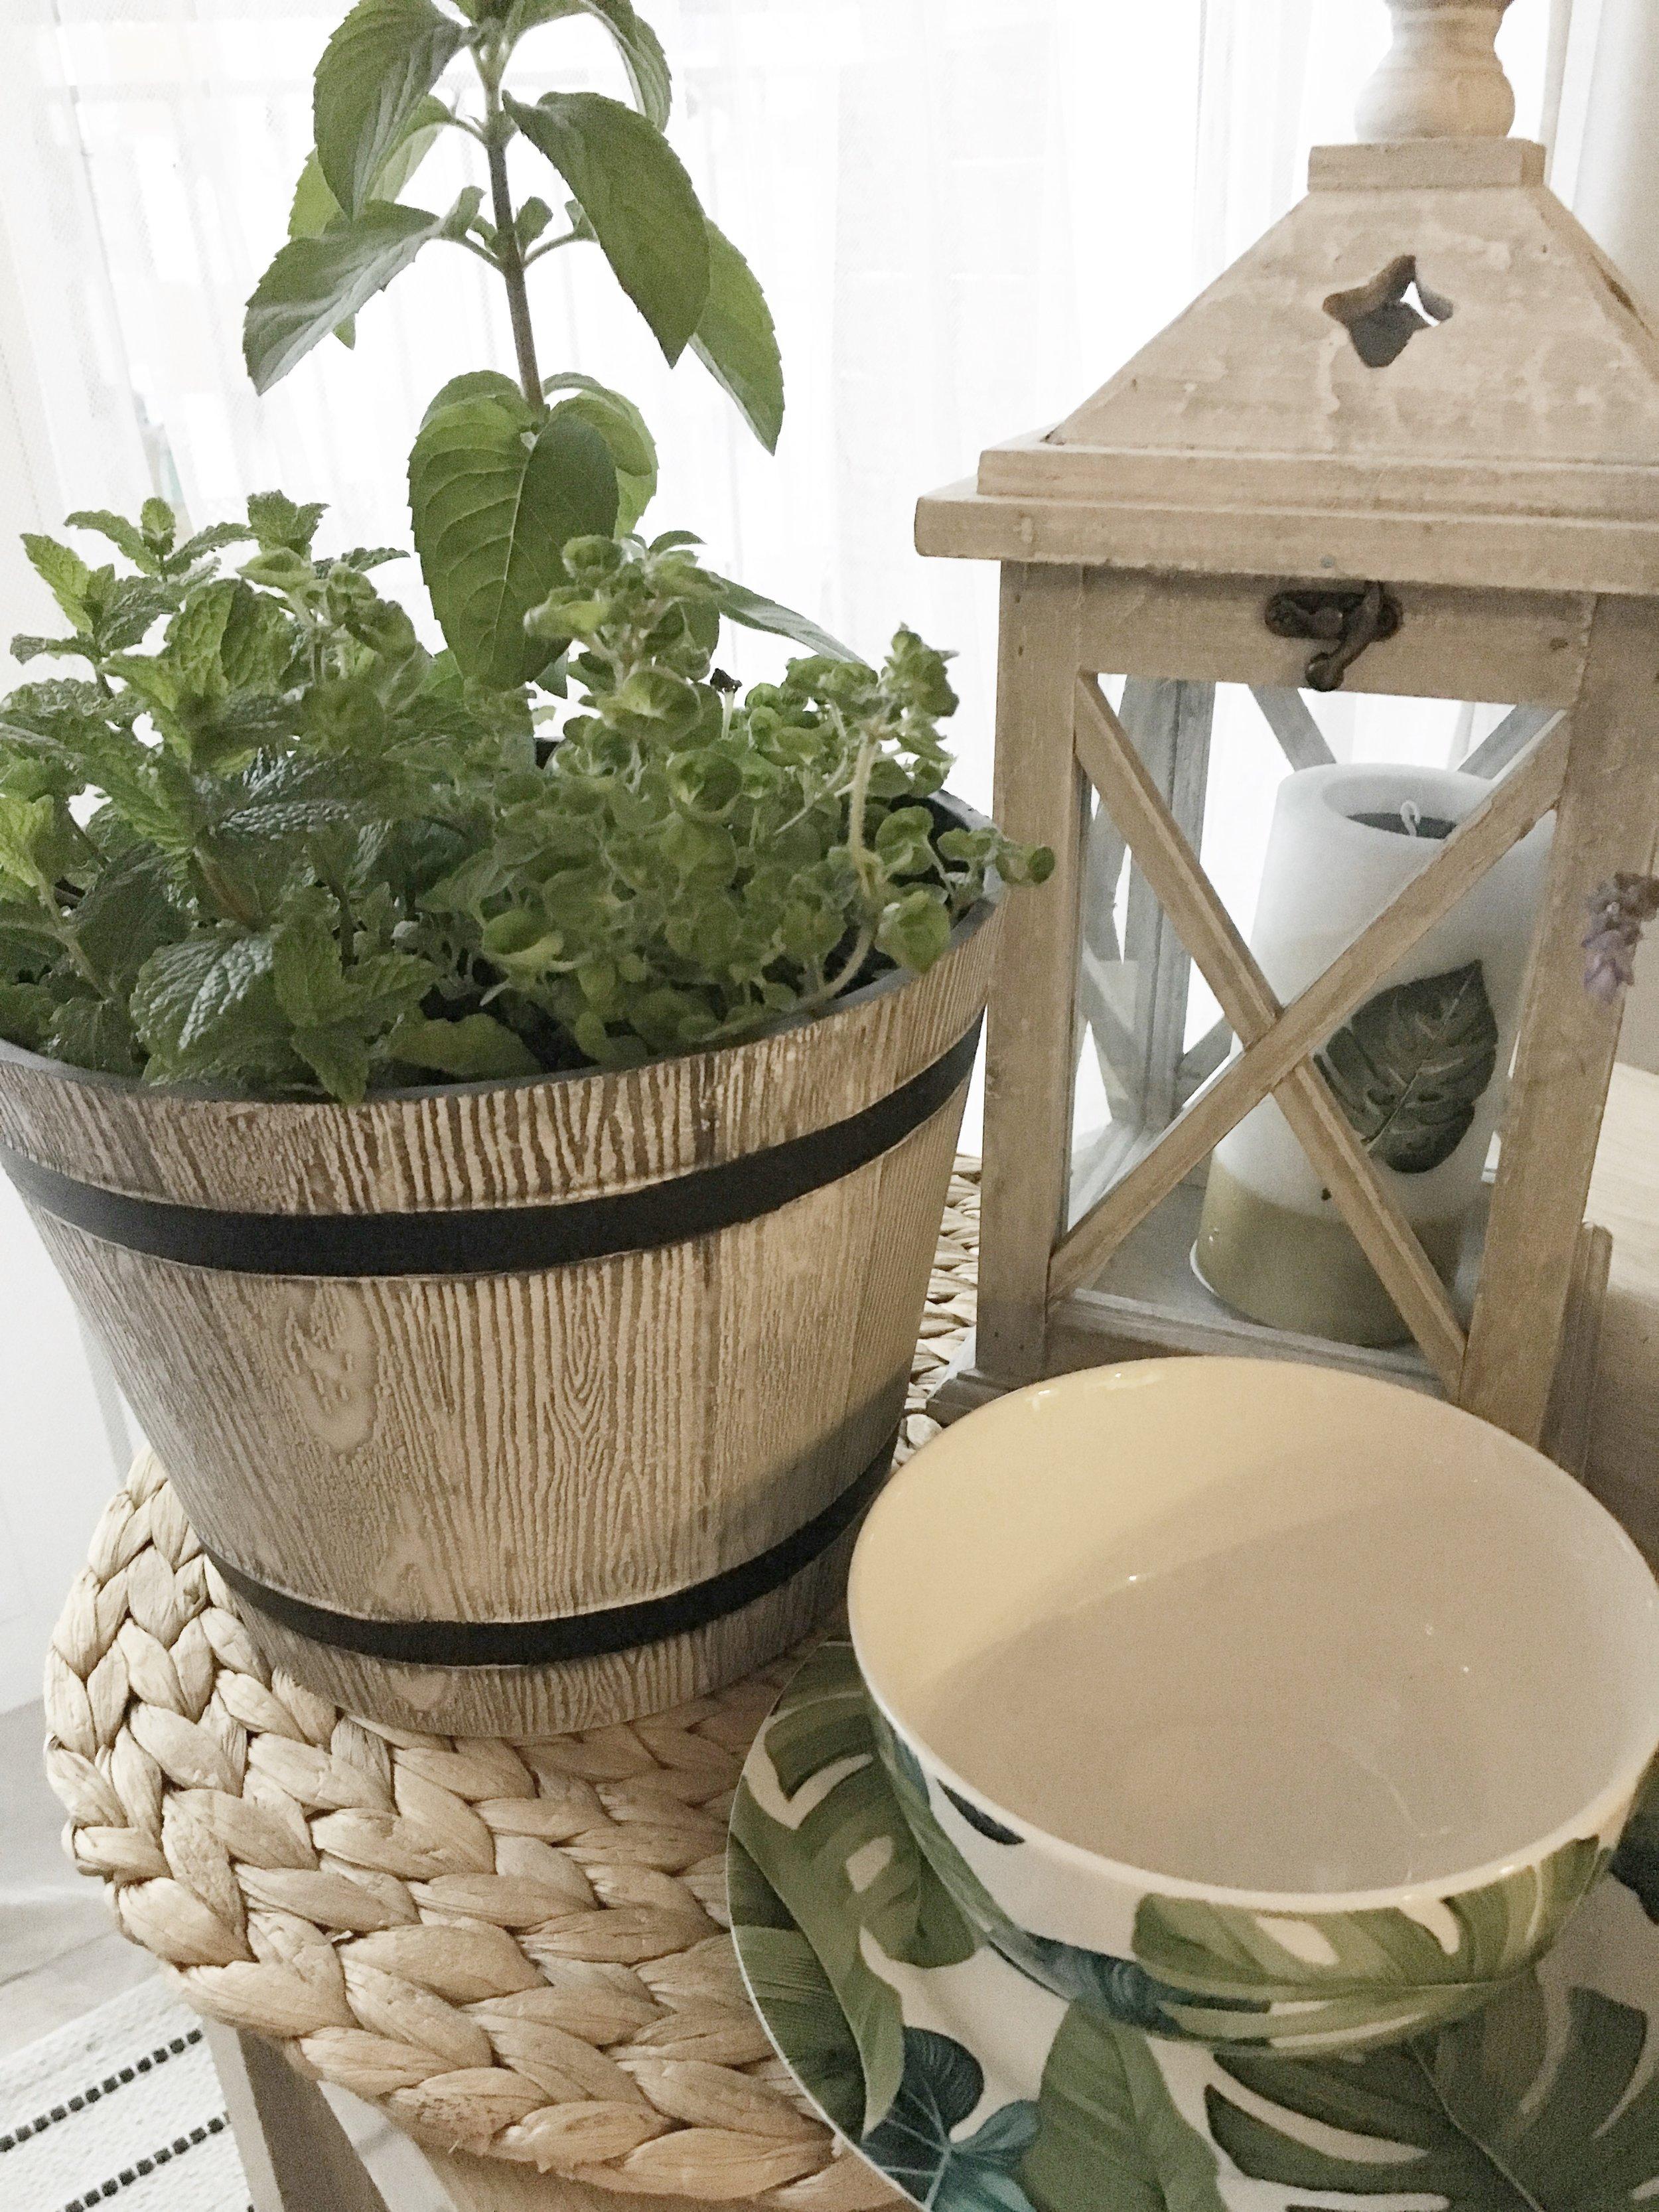 Donica stylizowana na beczkę, zioła, świeca z motywem liścia:  bricomarche.pl